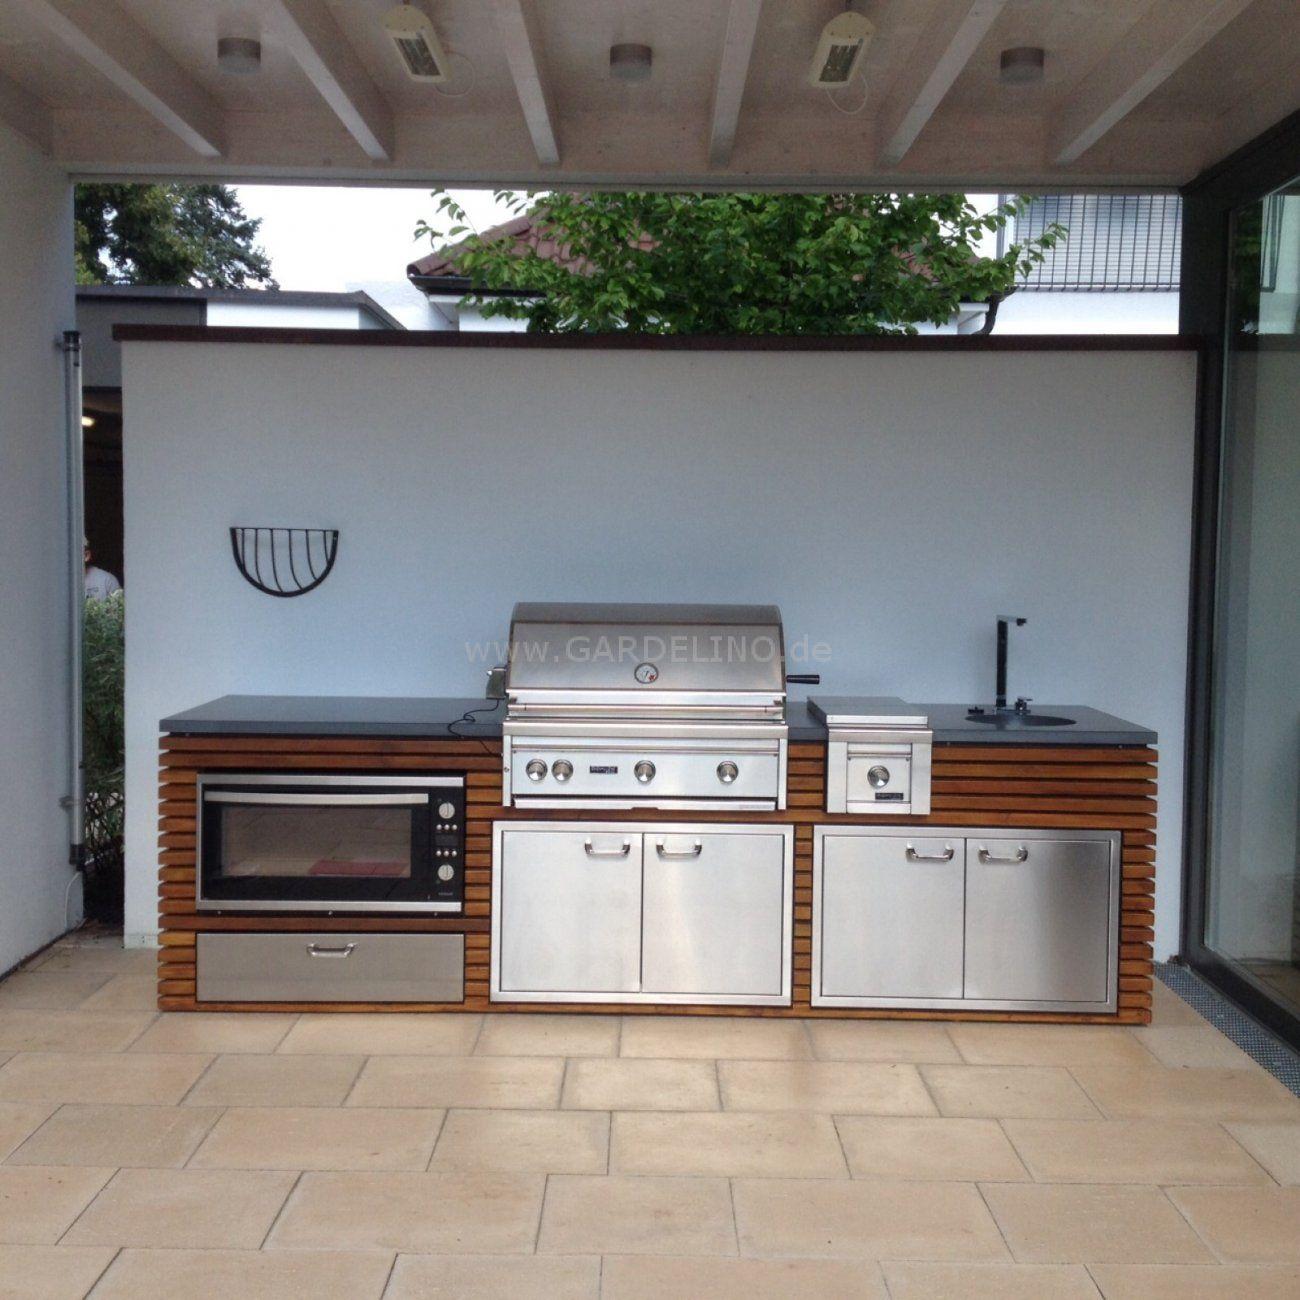 Luxuriöse Design Außenküche aus Holz mit Edelstahl Grill